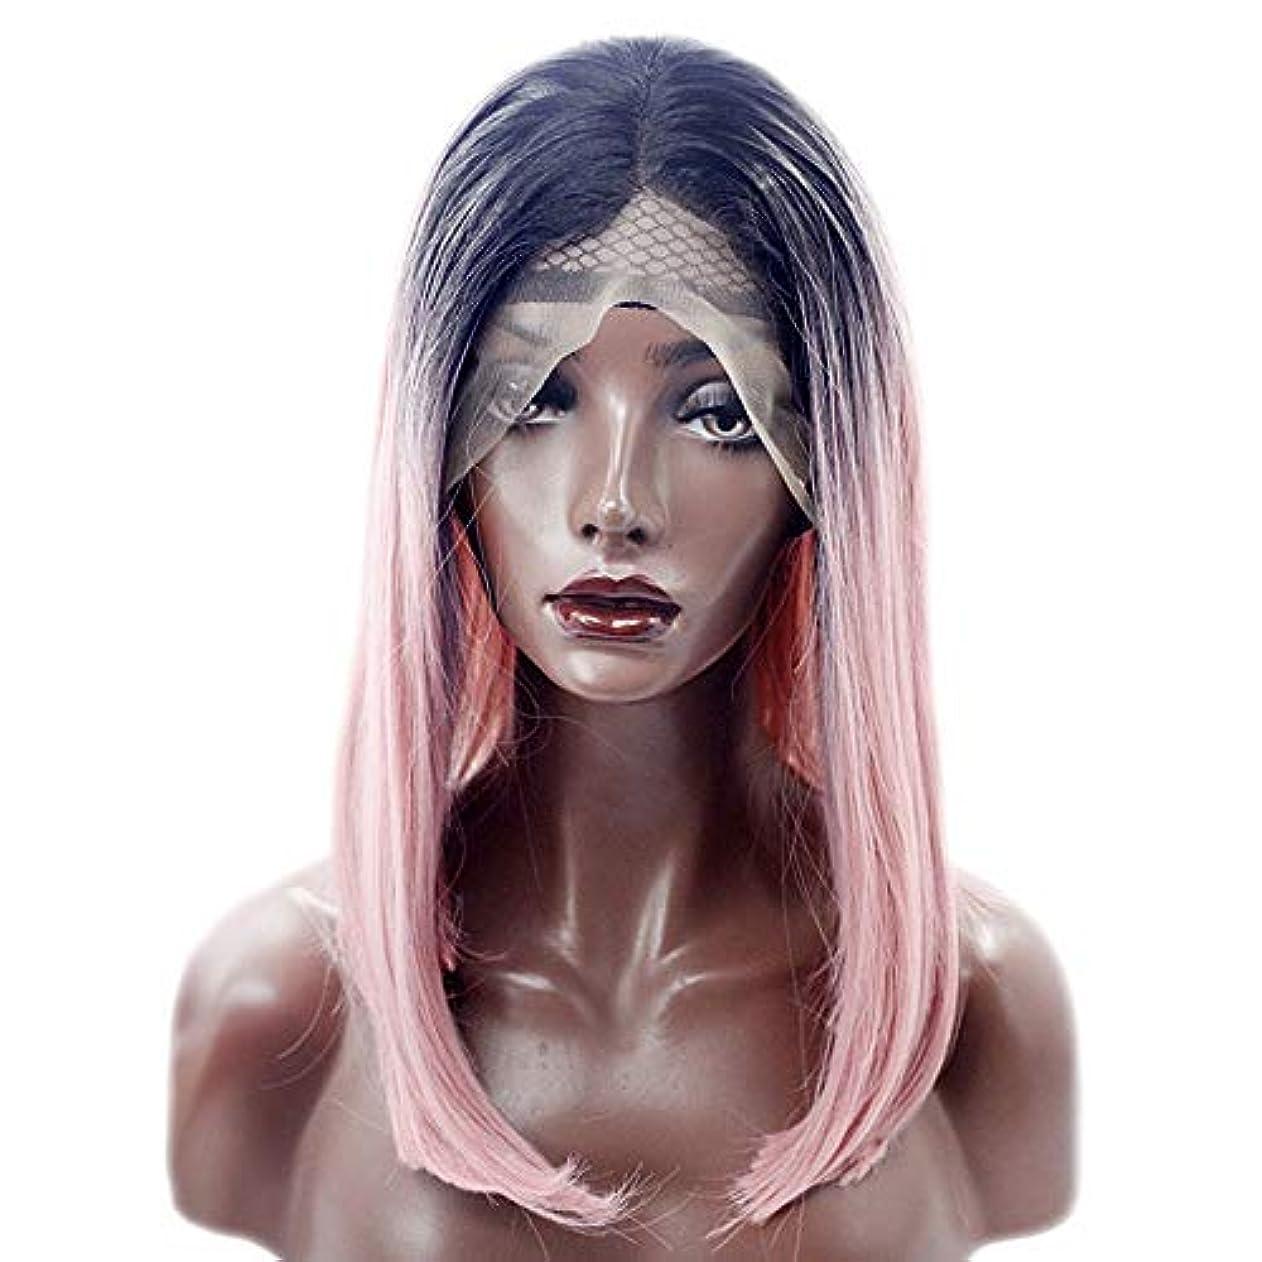 固執不機嫌同一のYOUQIU 女性のかつらのフロント合成かつらピンクボブウィッグストレート肩の耐熱髪をひもで締めます (色 : ピンク)